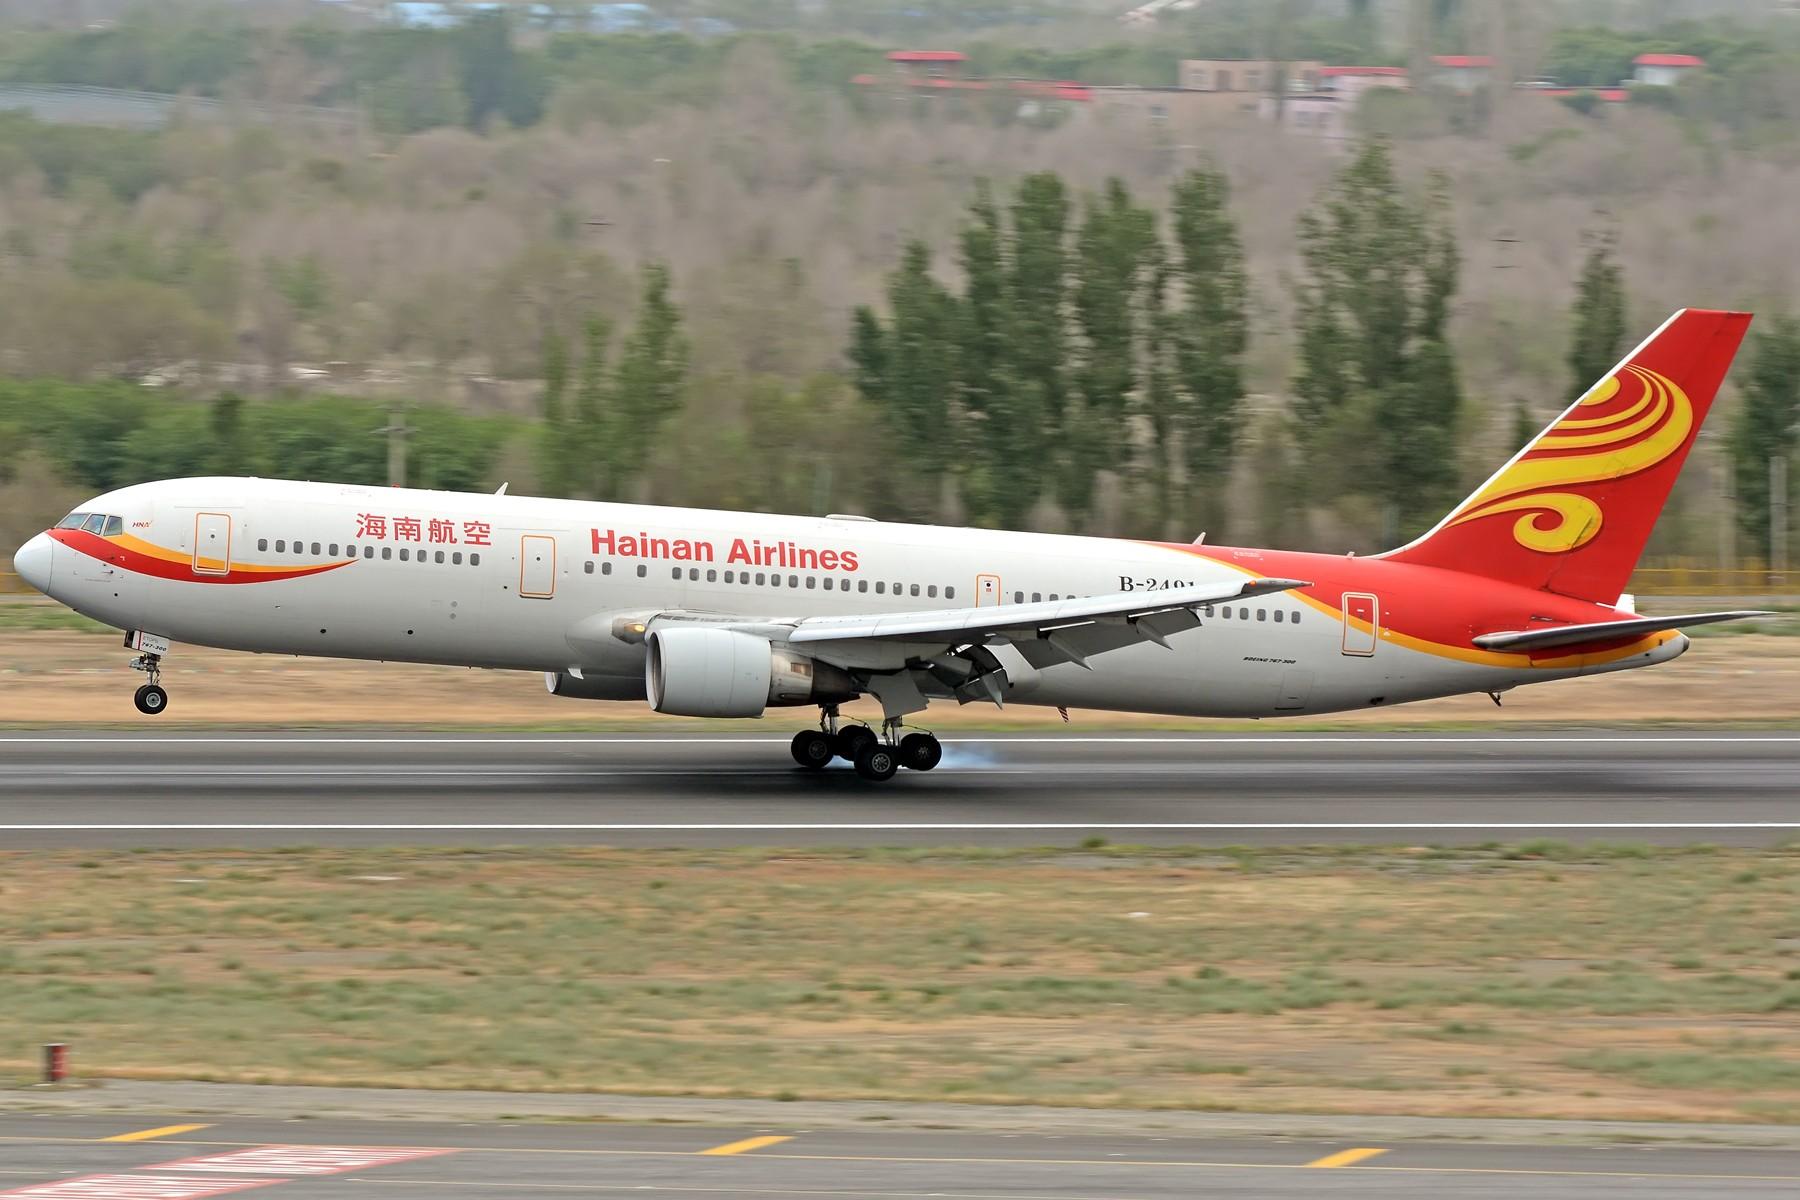 [原创]【一图党】擦······烟 BOEING 767-300ER B-2491 中国乌鲁木齐地窝堡国际机场